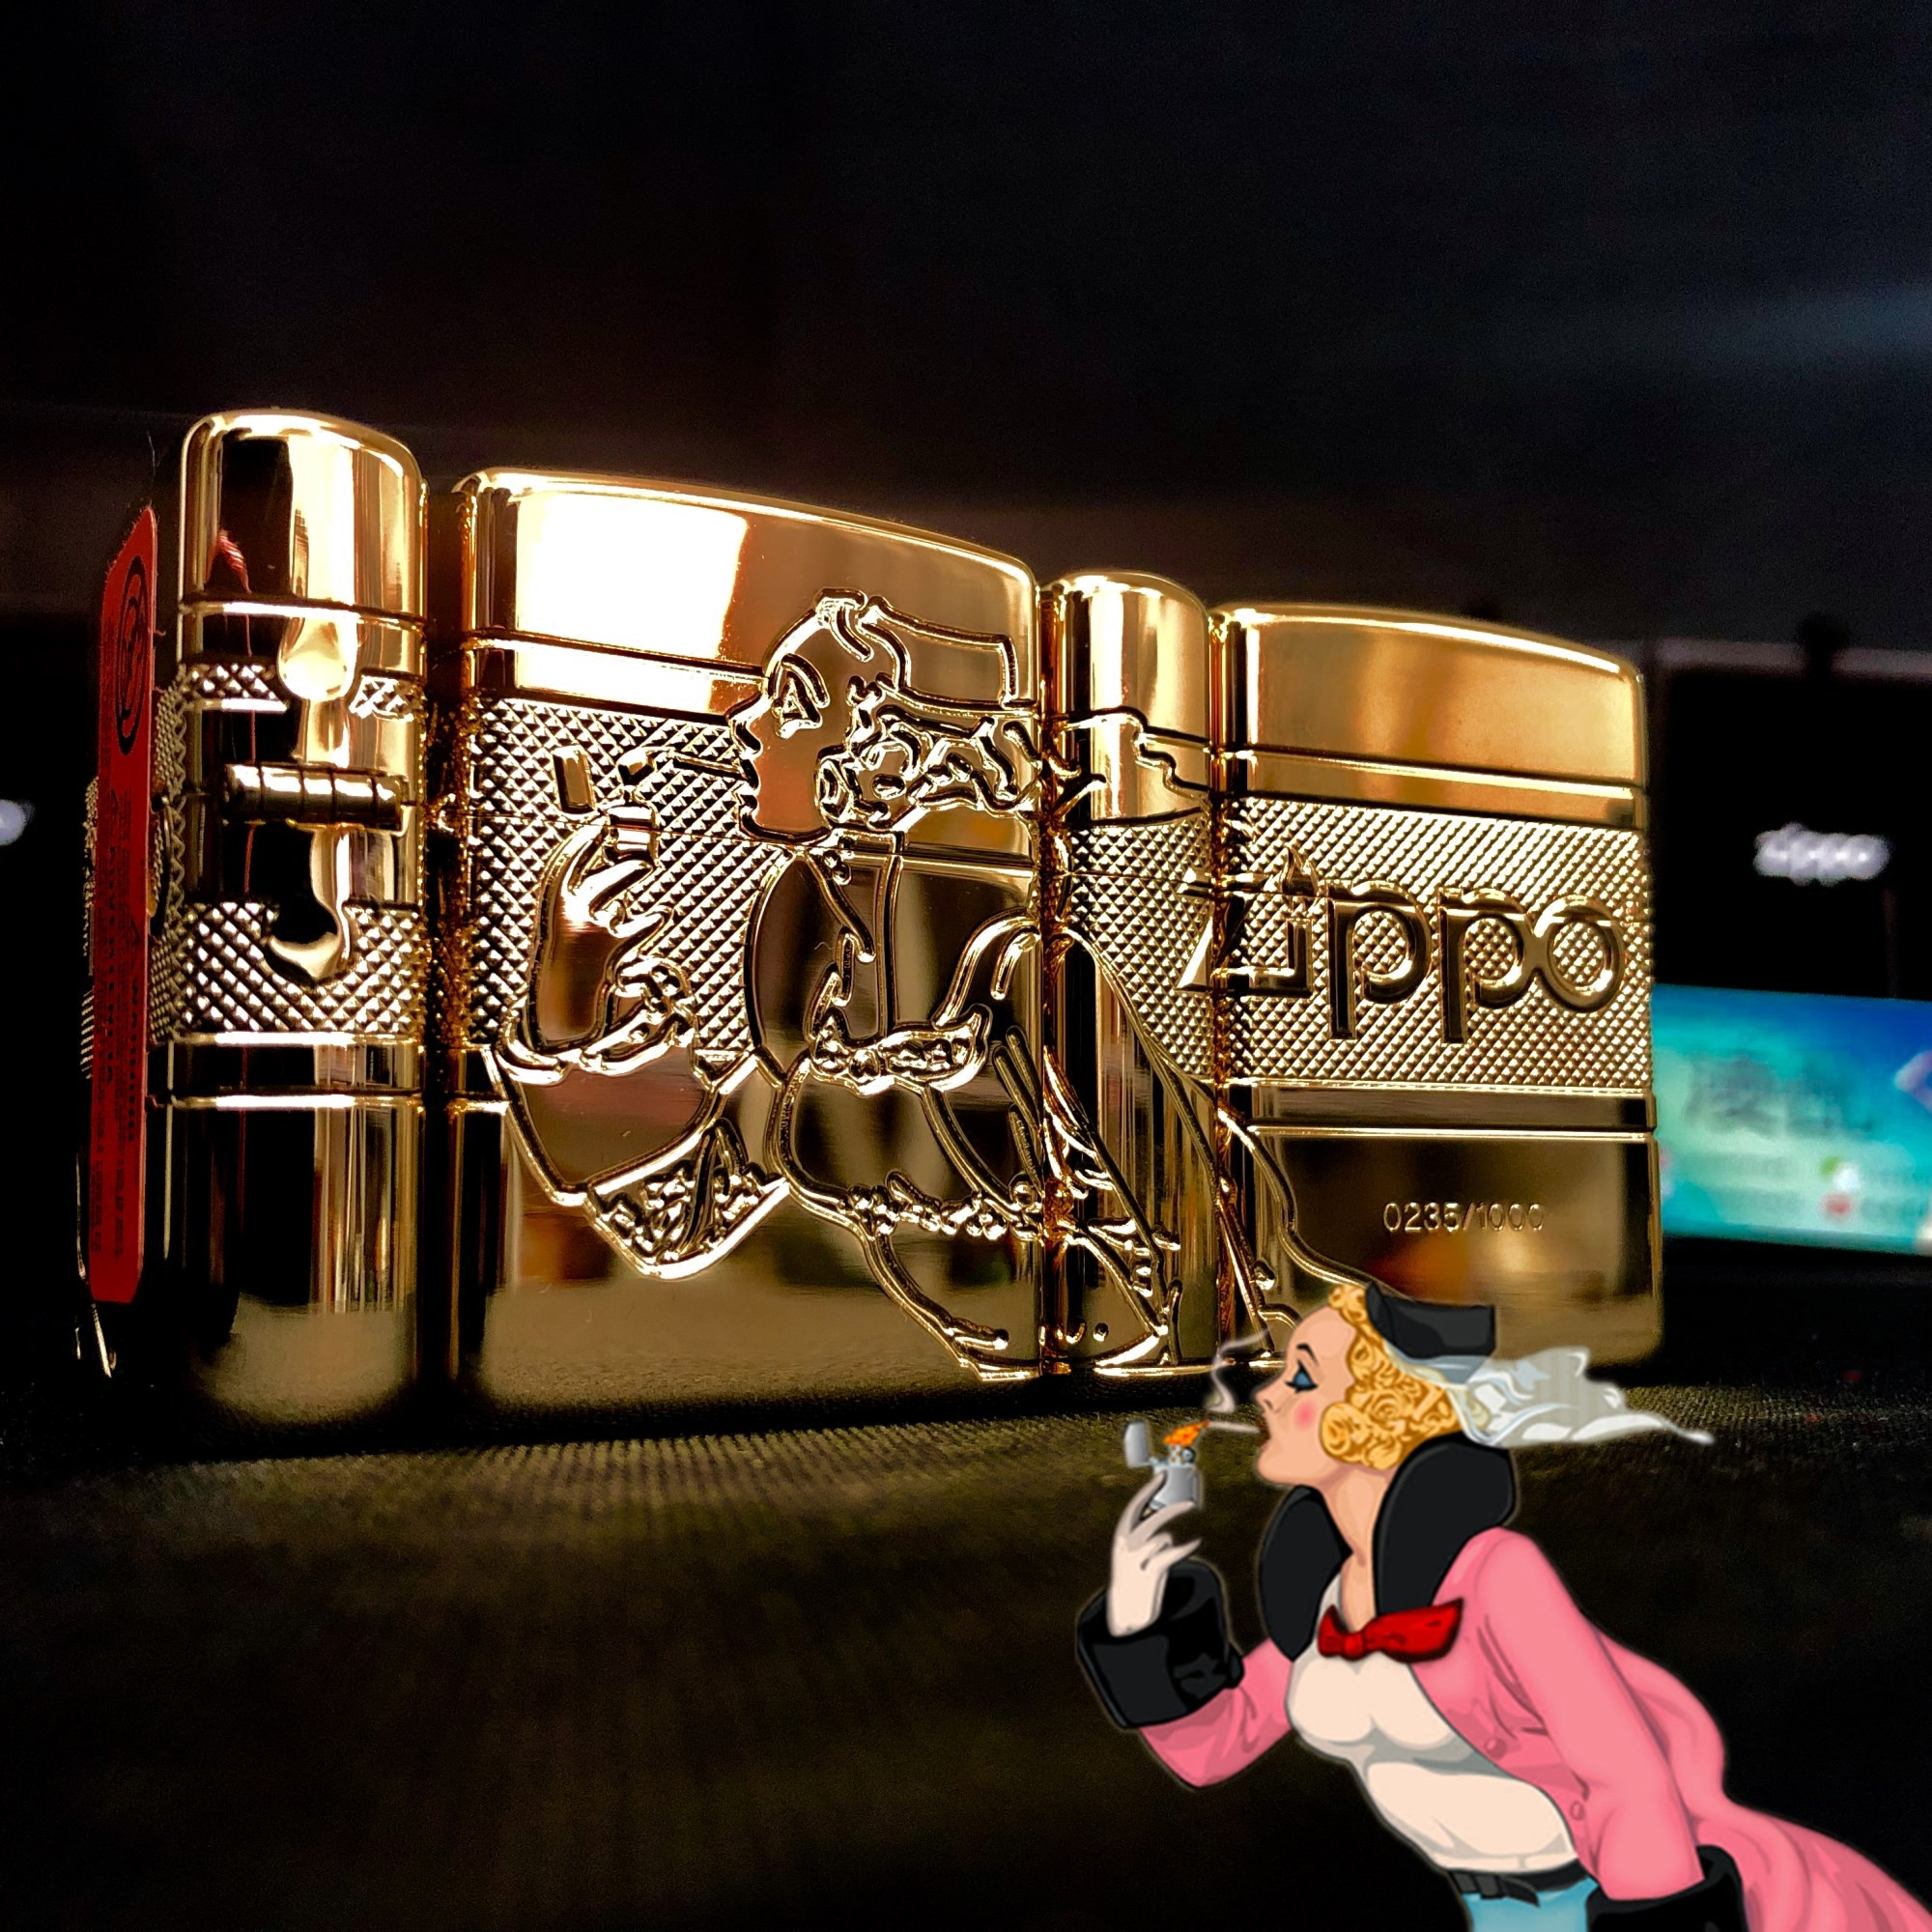 【凌乱Zippo】镀金盔甲 风中女郎80周年纪念 限量1000